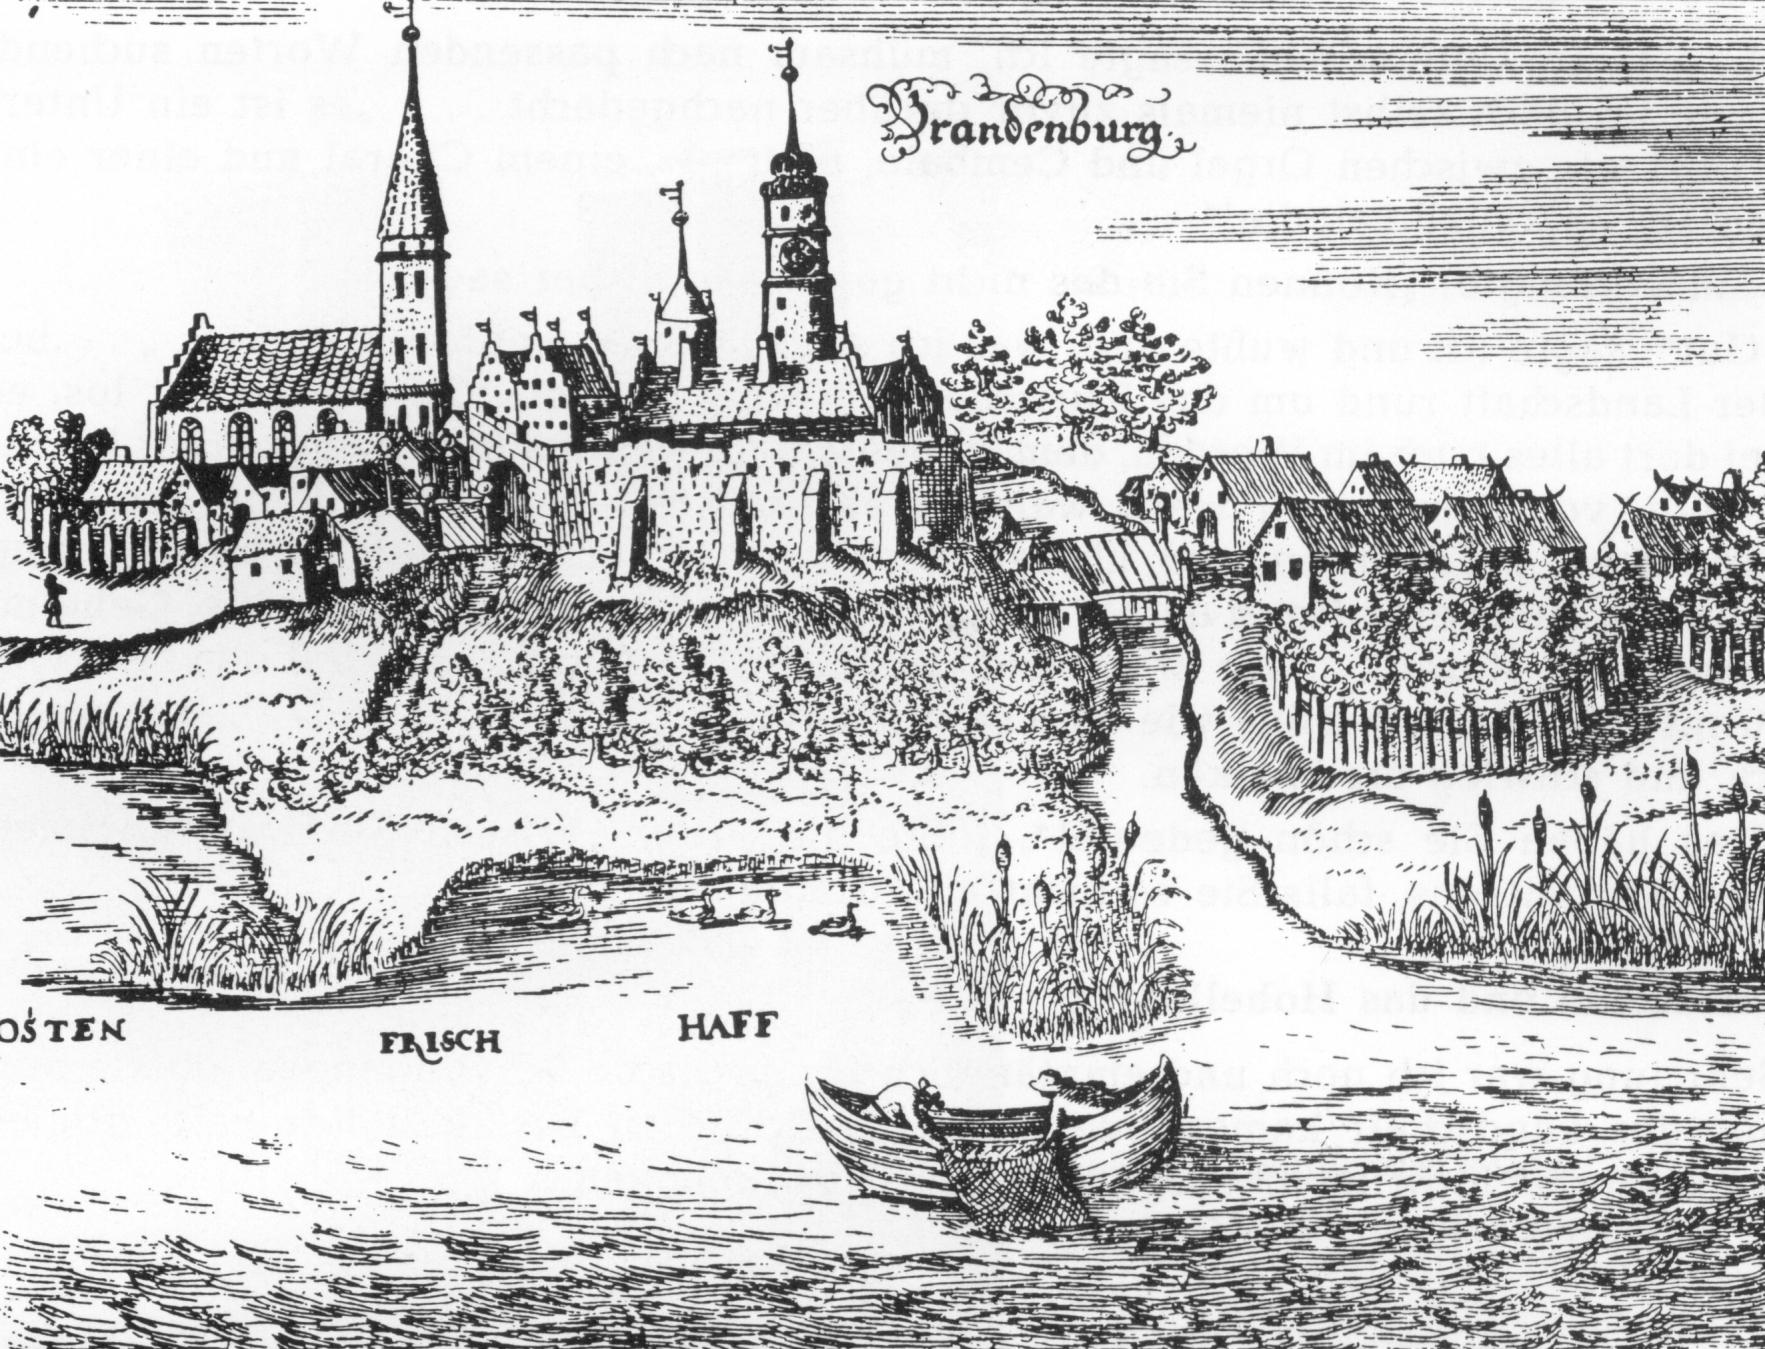 Brandenburg-uschakowo